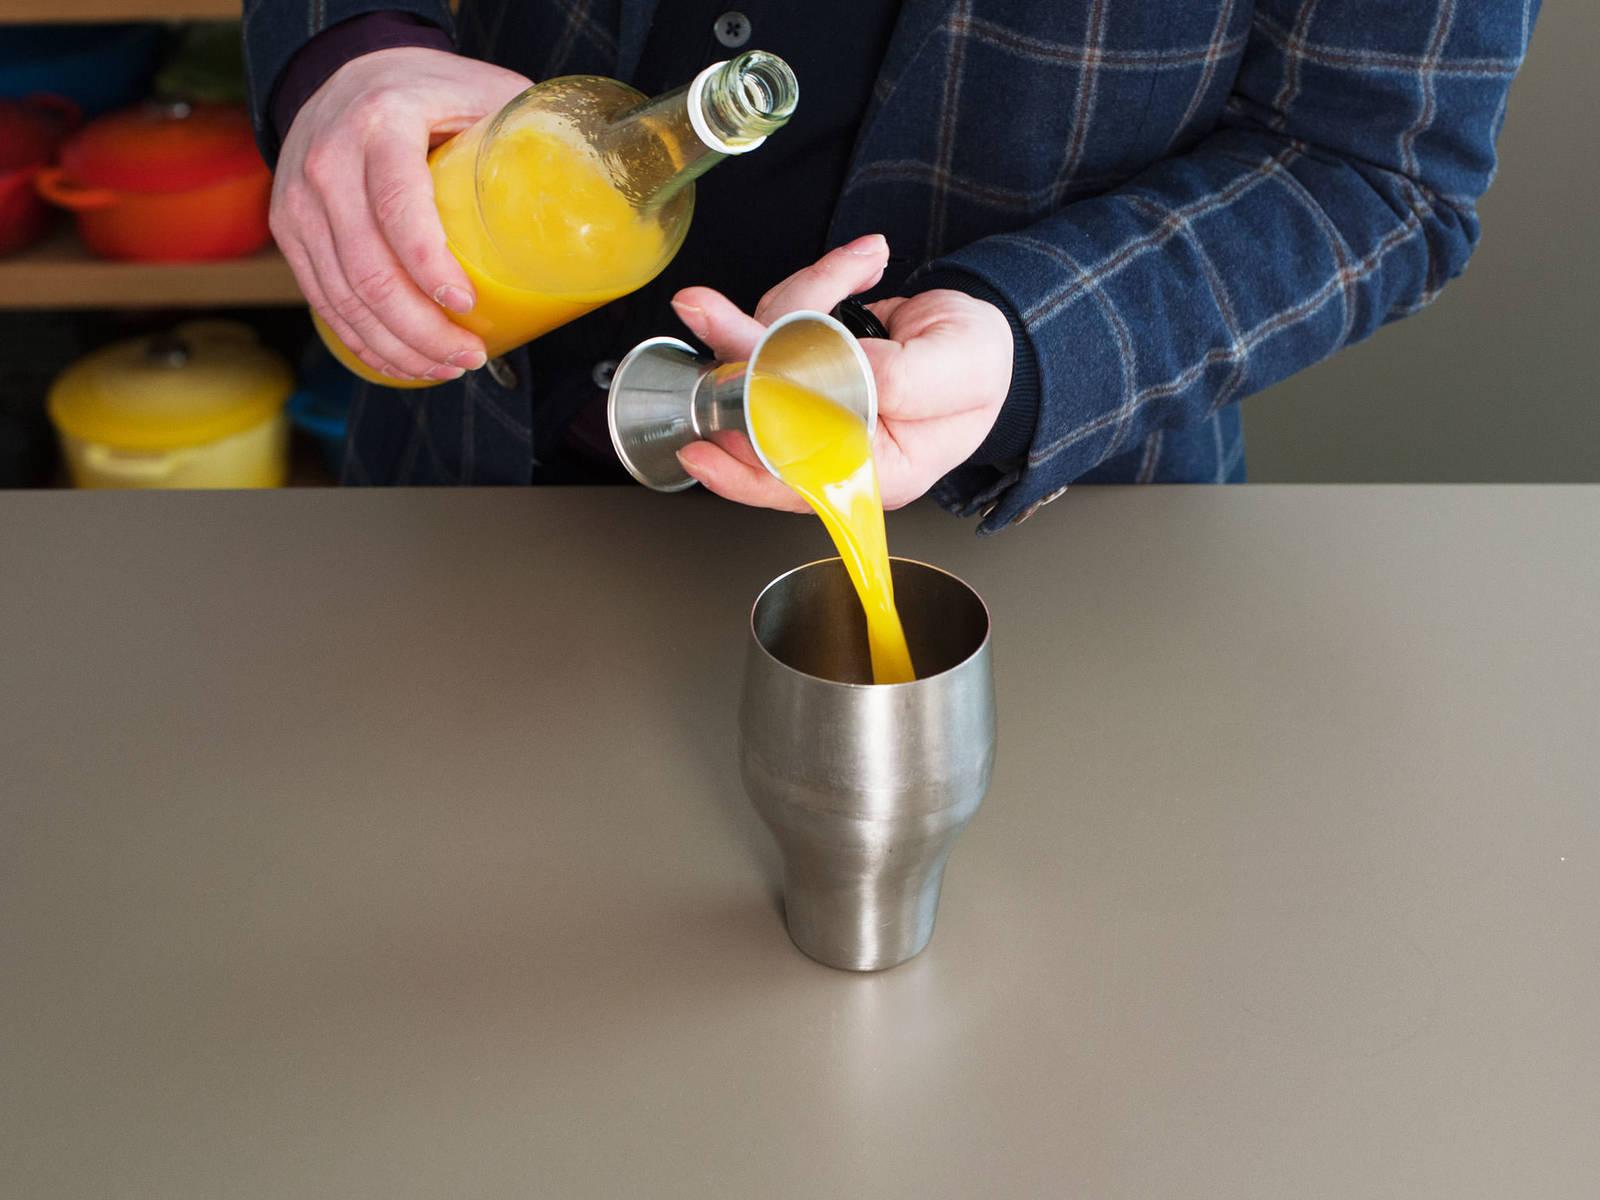 在调酒器中倒入柠檬汁、香草糖浆、葡萄柚汁、橙汁和冰块。大力摇动约1分钟。过滤两次。